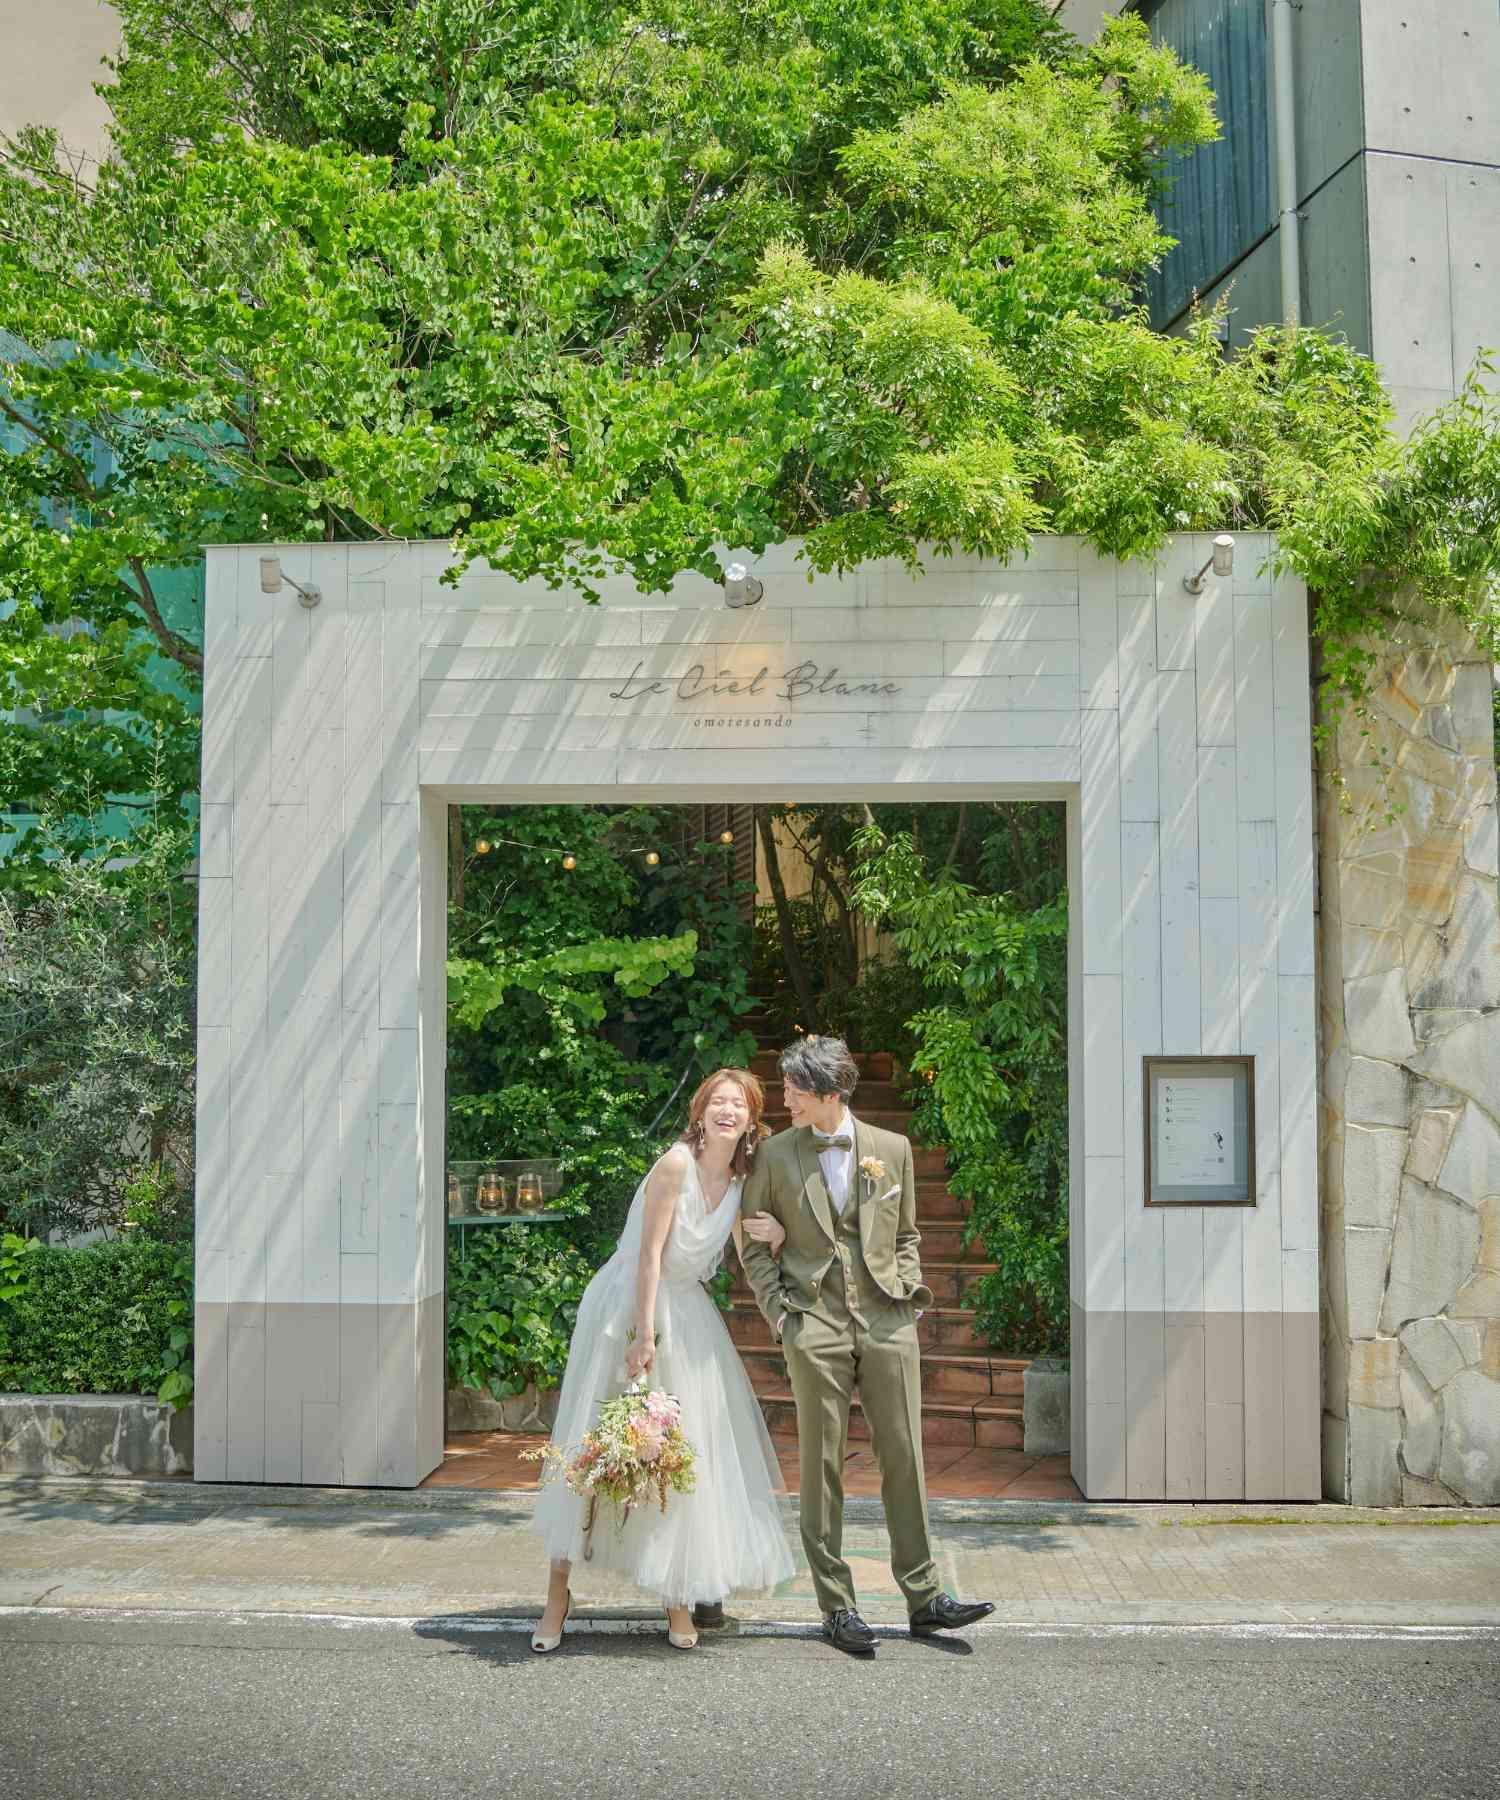 ルシェルブラン表参道で結婚式 結婚式場探しはハナユメ